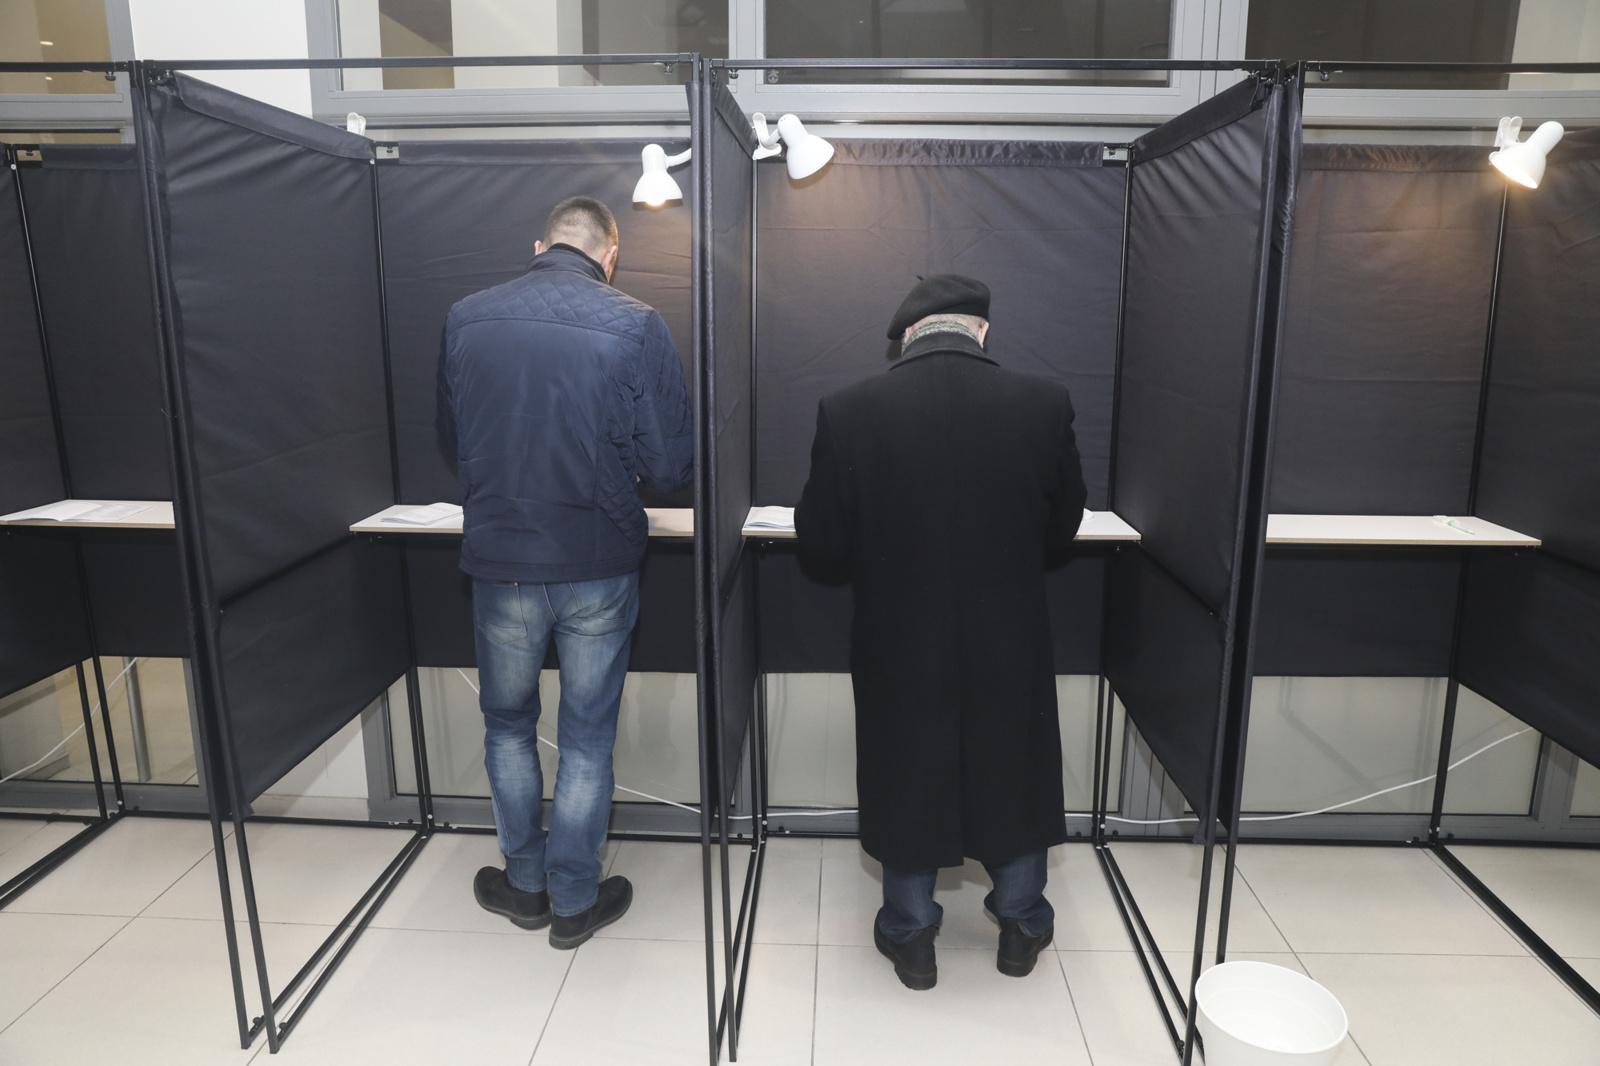 Rinkimuose Žirmūnų, Gargždų ir Žiemgalos rinkimų apygardose iki 17 val. savo valią pareiškė 16,67 proc. rinkėjų